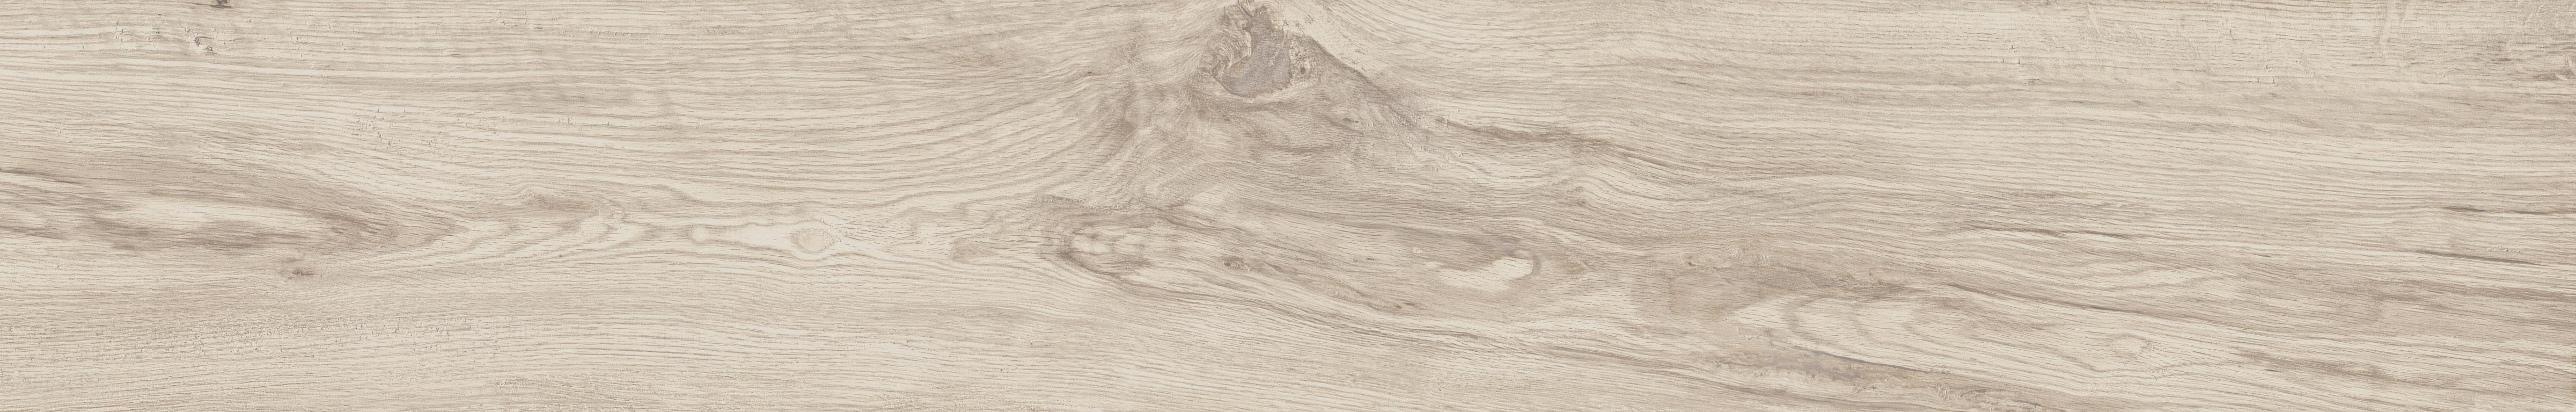 Плитка Allwood Bianco (zzxwu1r) изображение 18